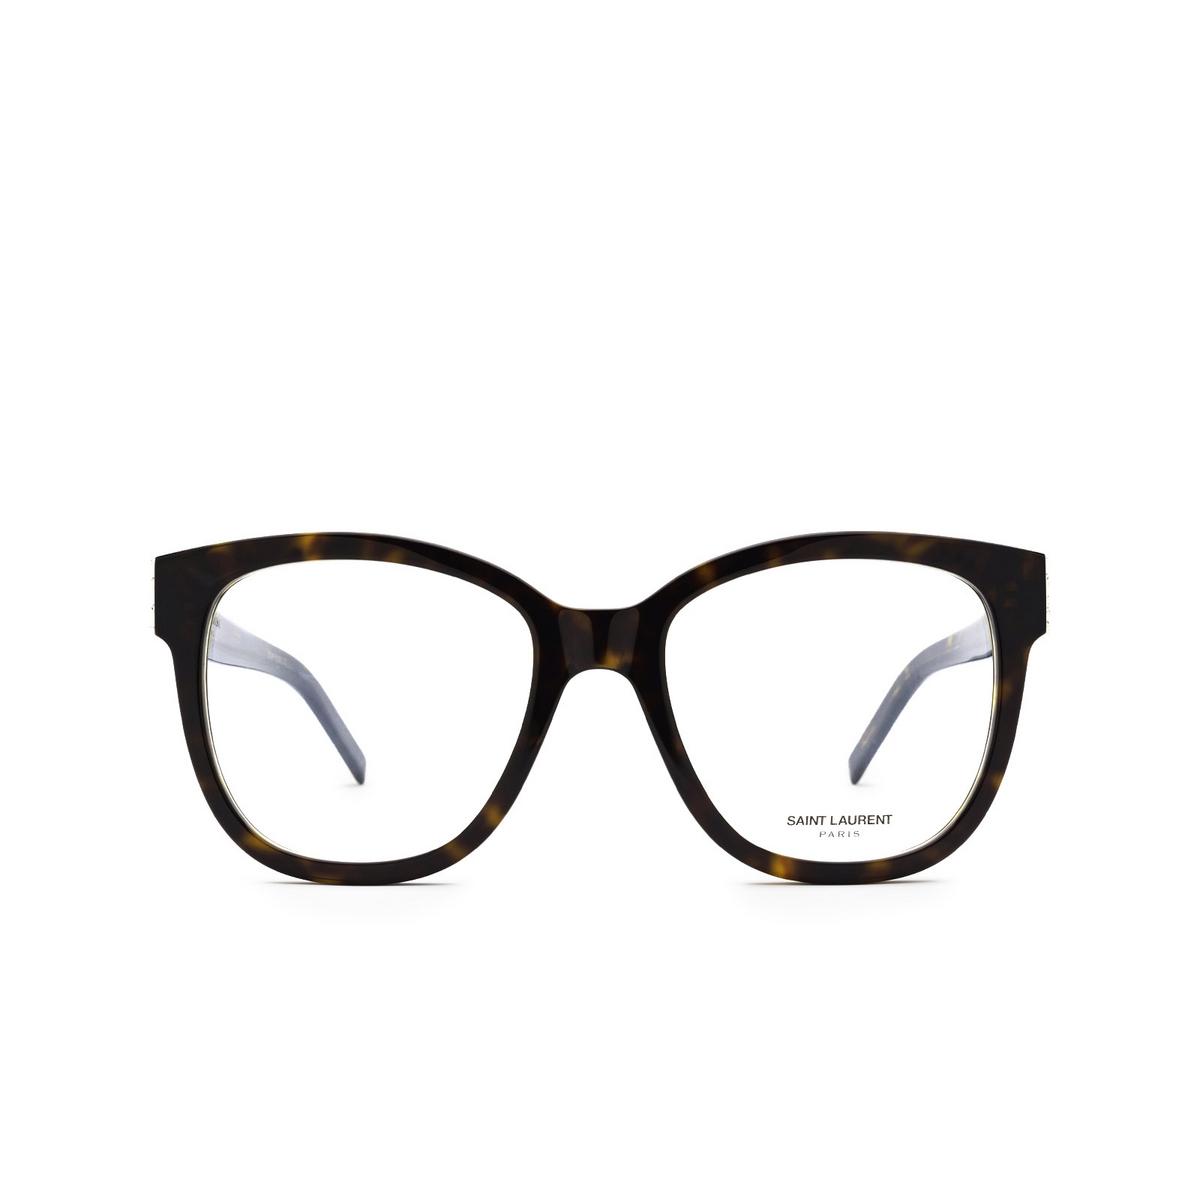 Saint Laurent® Square Eyeglasses: SL M97 color Dark Havana 004 - front view.